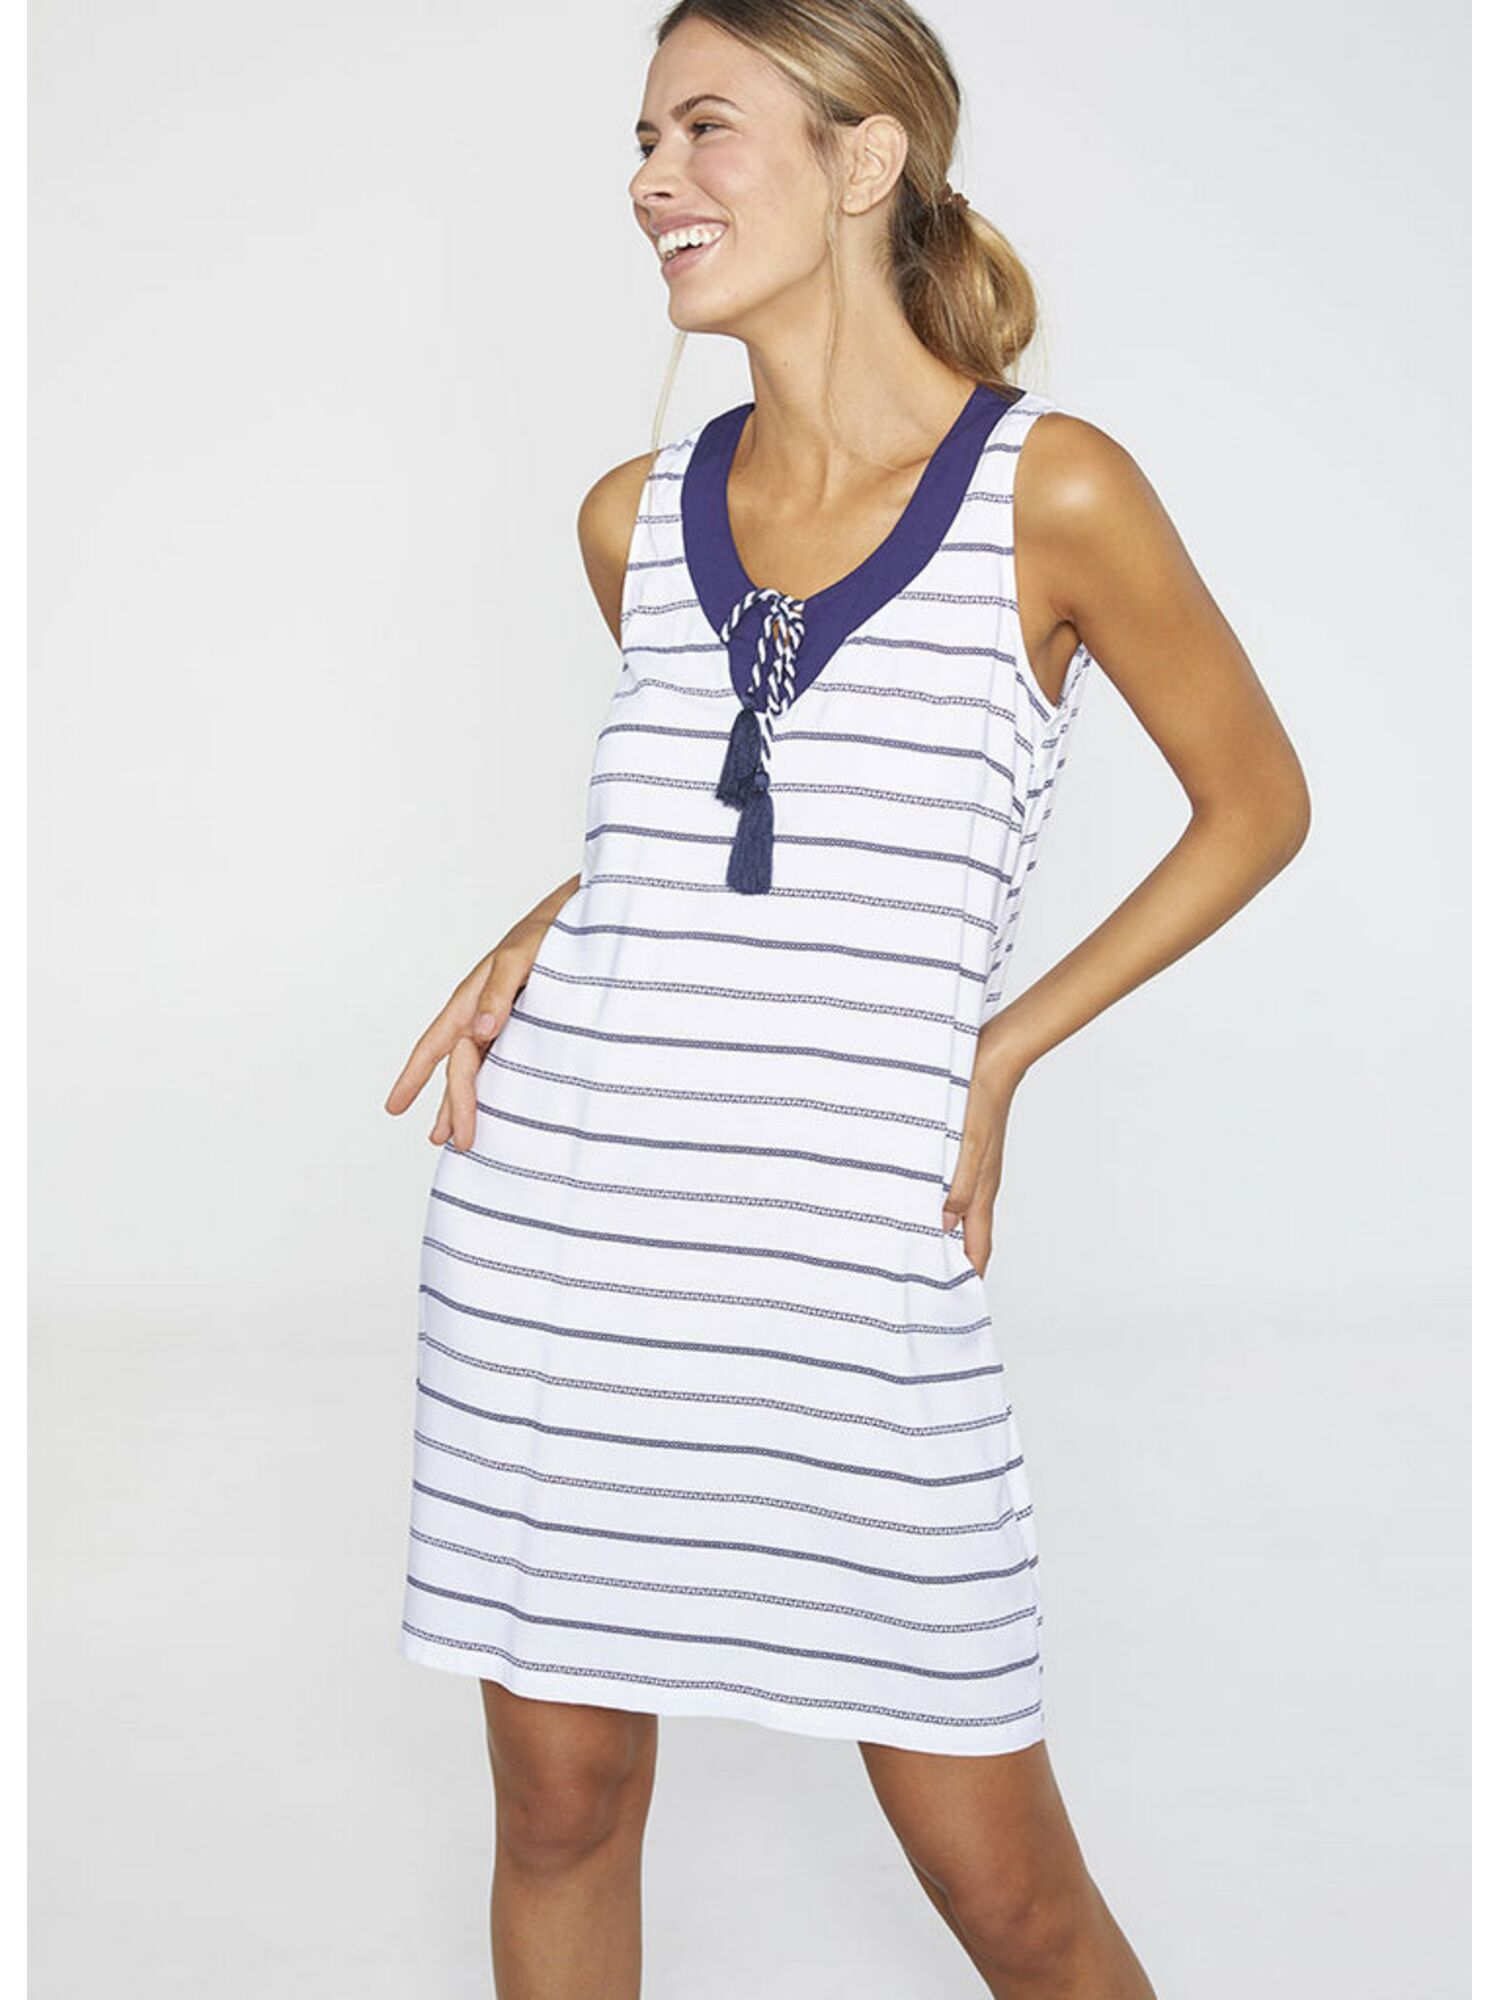 Женское платье пляжное из вискозы 85669 белый, Ysabel Mora (Испания)